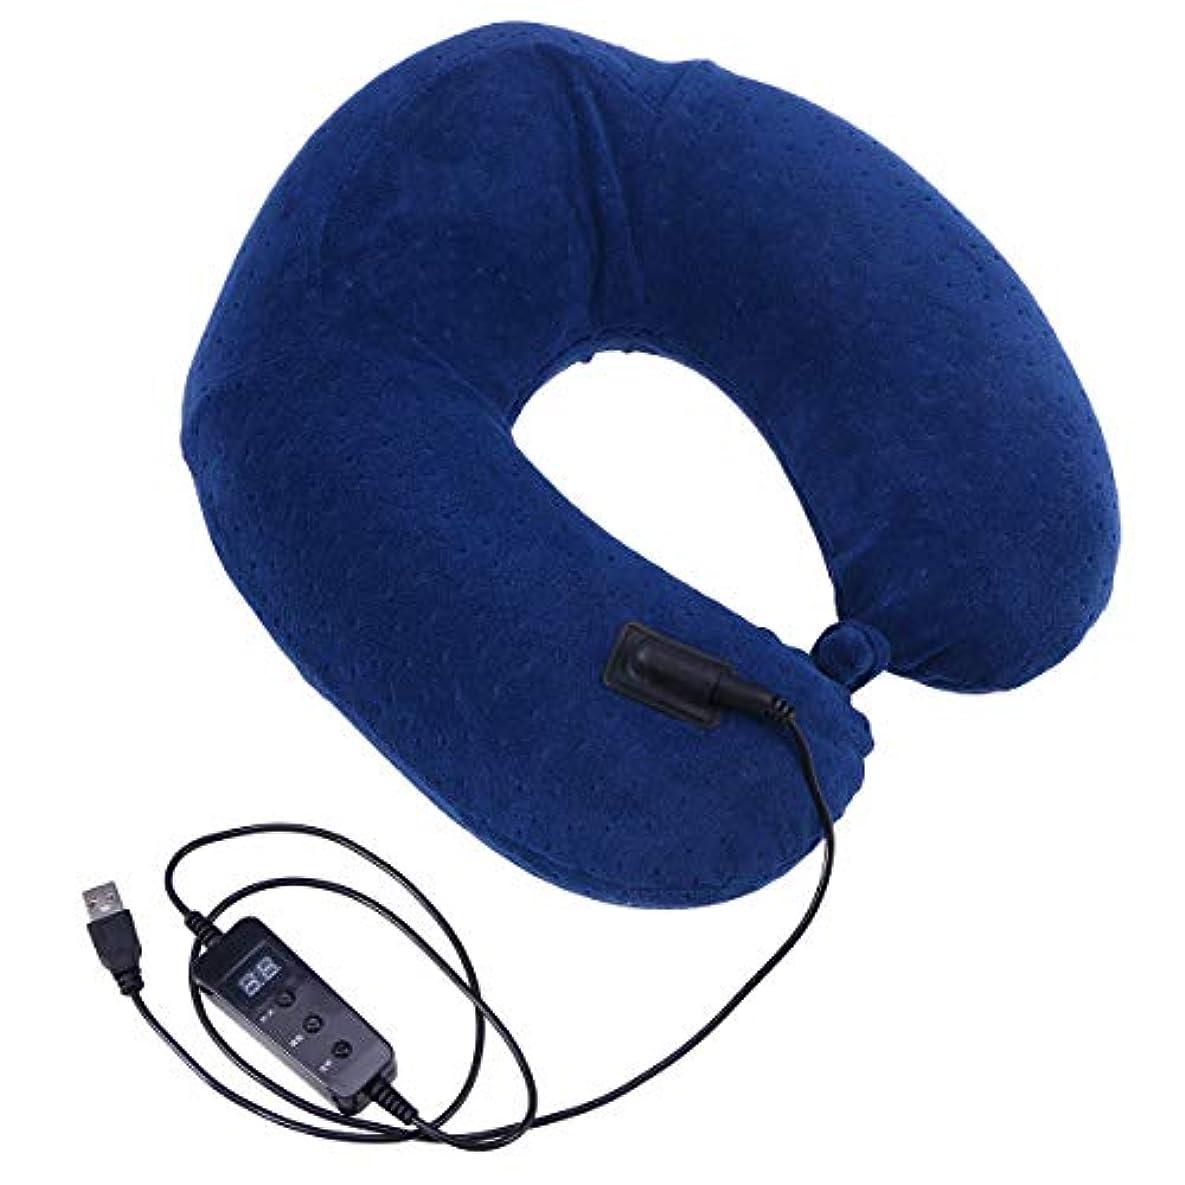 想定証言違法HEALIFTY ネック牽引USBソフトメモリフォーム枕のヒーターU字型ネックサポートクッション車のためのトレーンホームまたはオフィスバッテリなし(ネイビー)